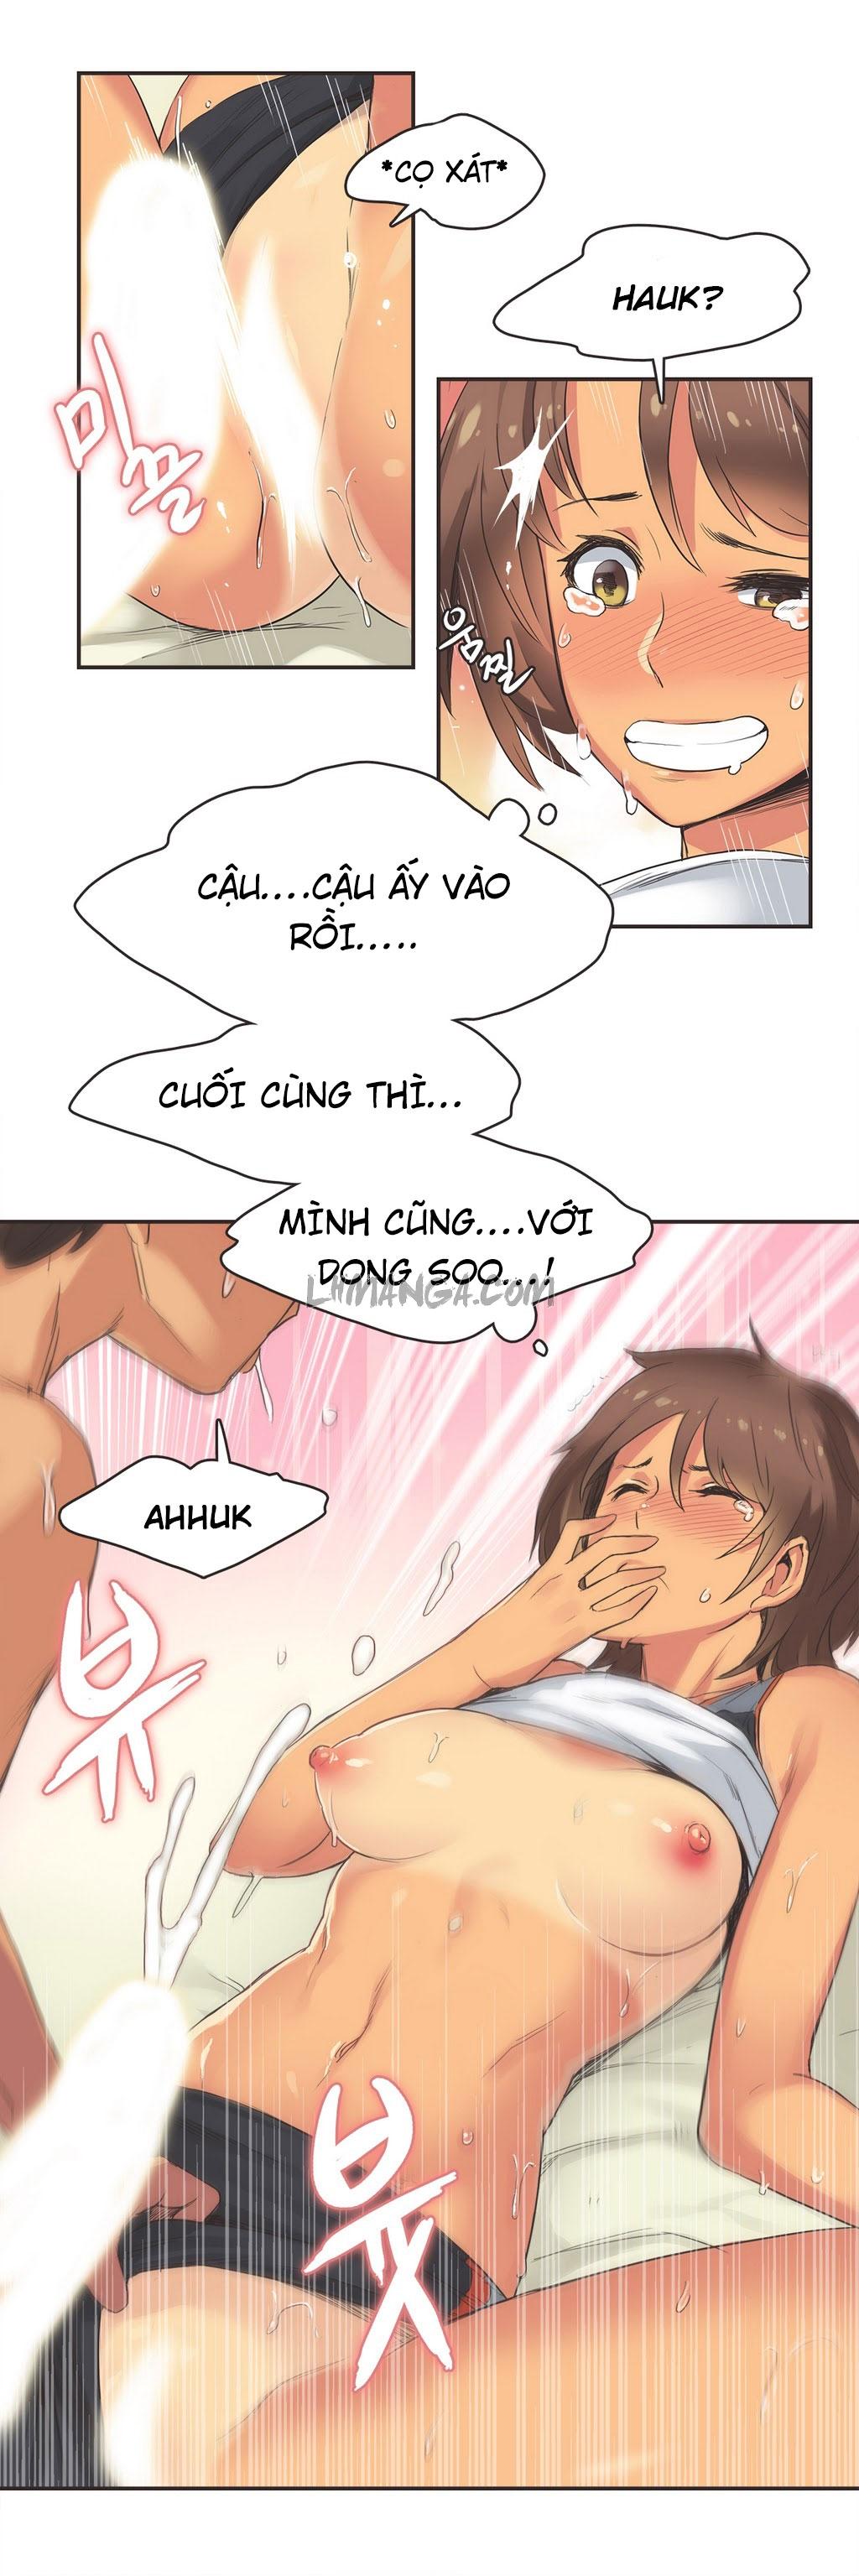 Hình ảnh HINH_00003 in Sports Girl - Gái Thể Thao